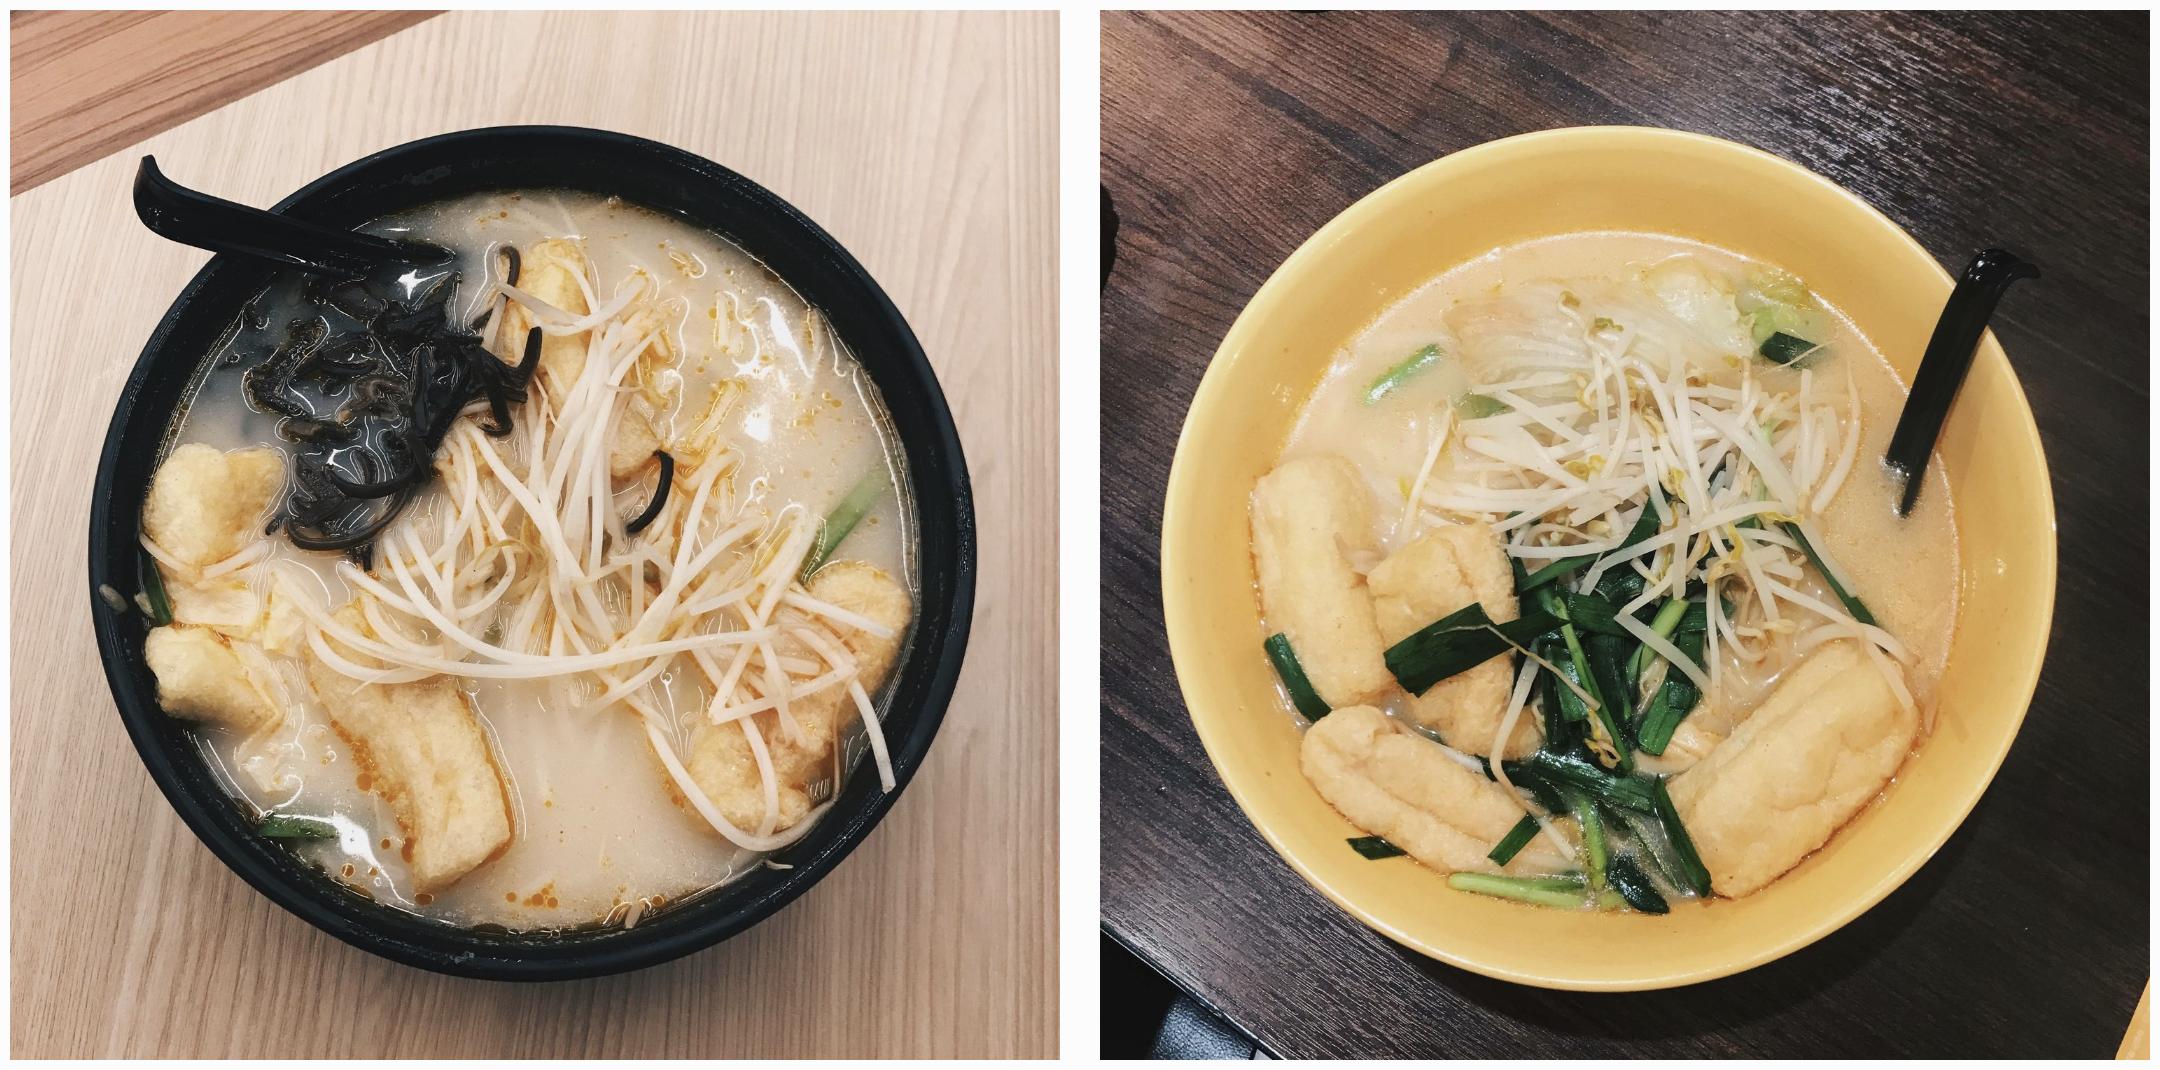 譚仔三哥米線Tam Jai Yunnan Noodles - G/F. & C/L., 439-441 Hennessy Road, Causeway Bay, Hong Kong (one of many branches)